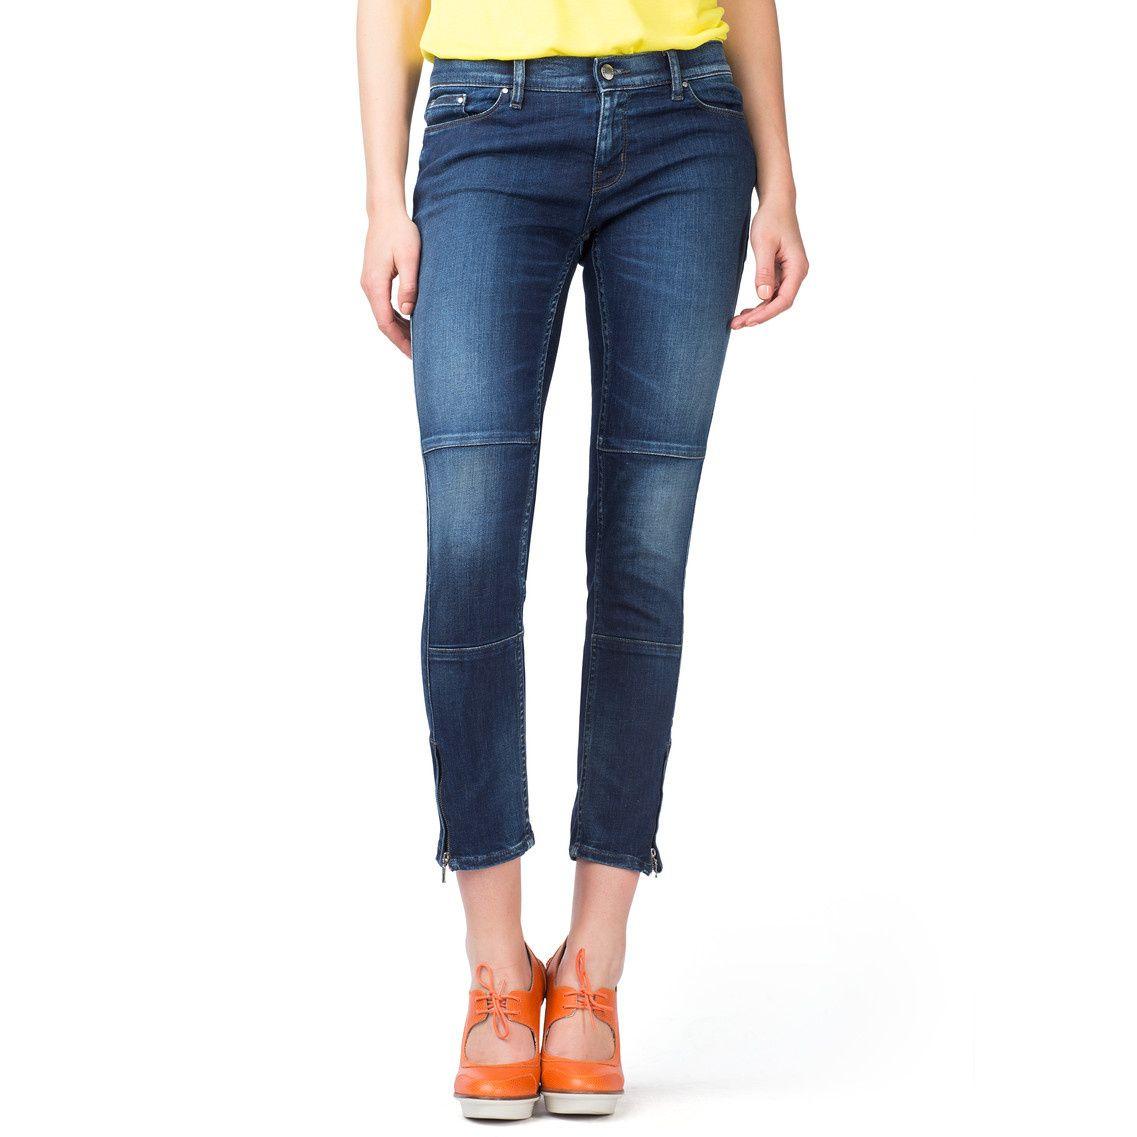 Tommy hilfiger lima skinny jeans